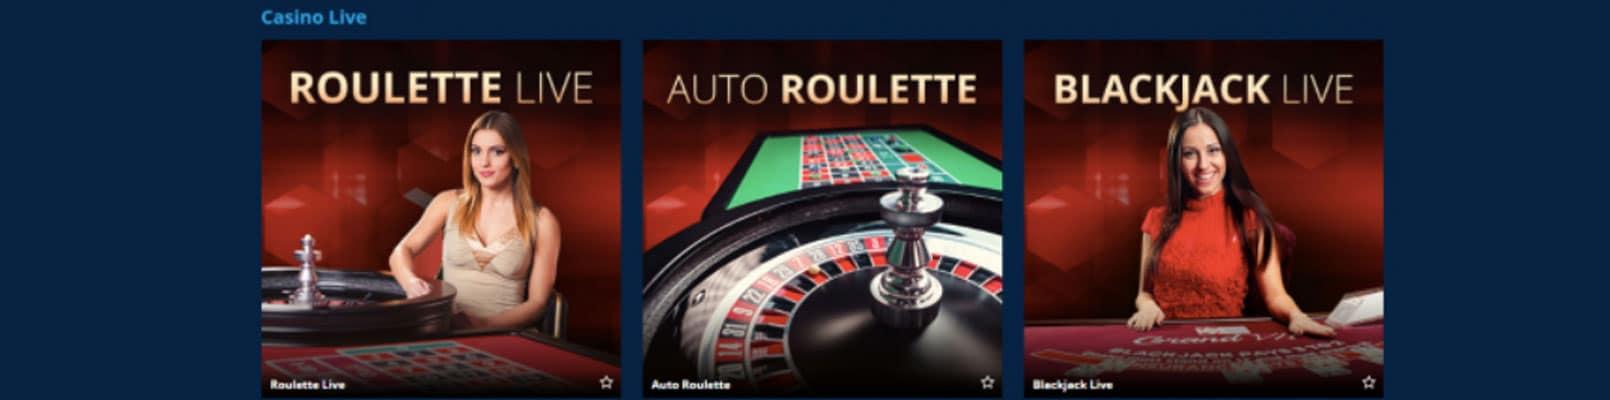 jocuri casino live Sportingbet casino